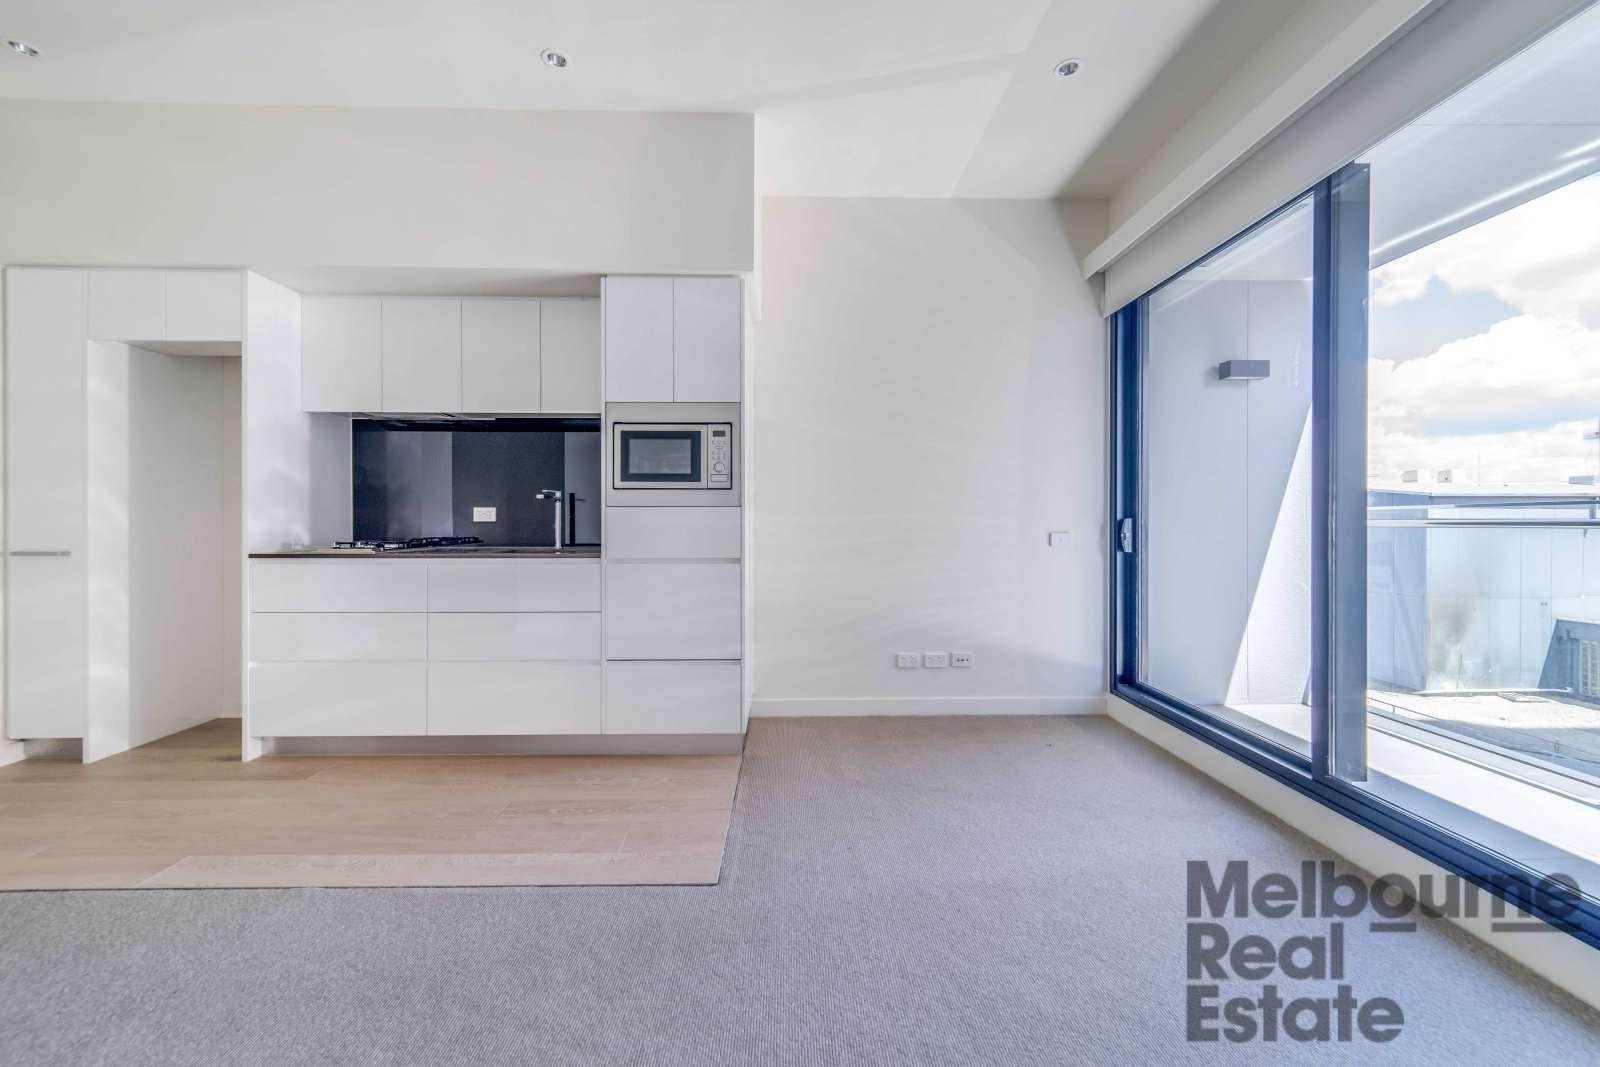 709/199 William Street, Melbourne VIC 3000, Image 1